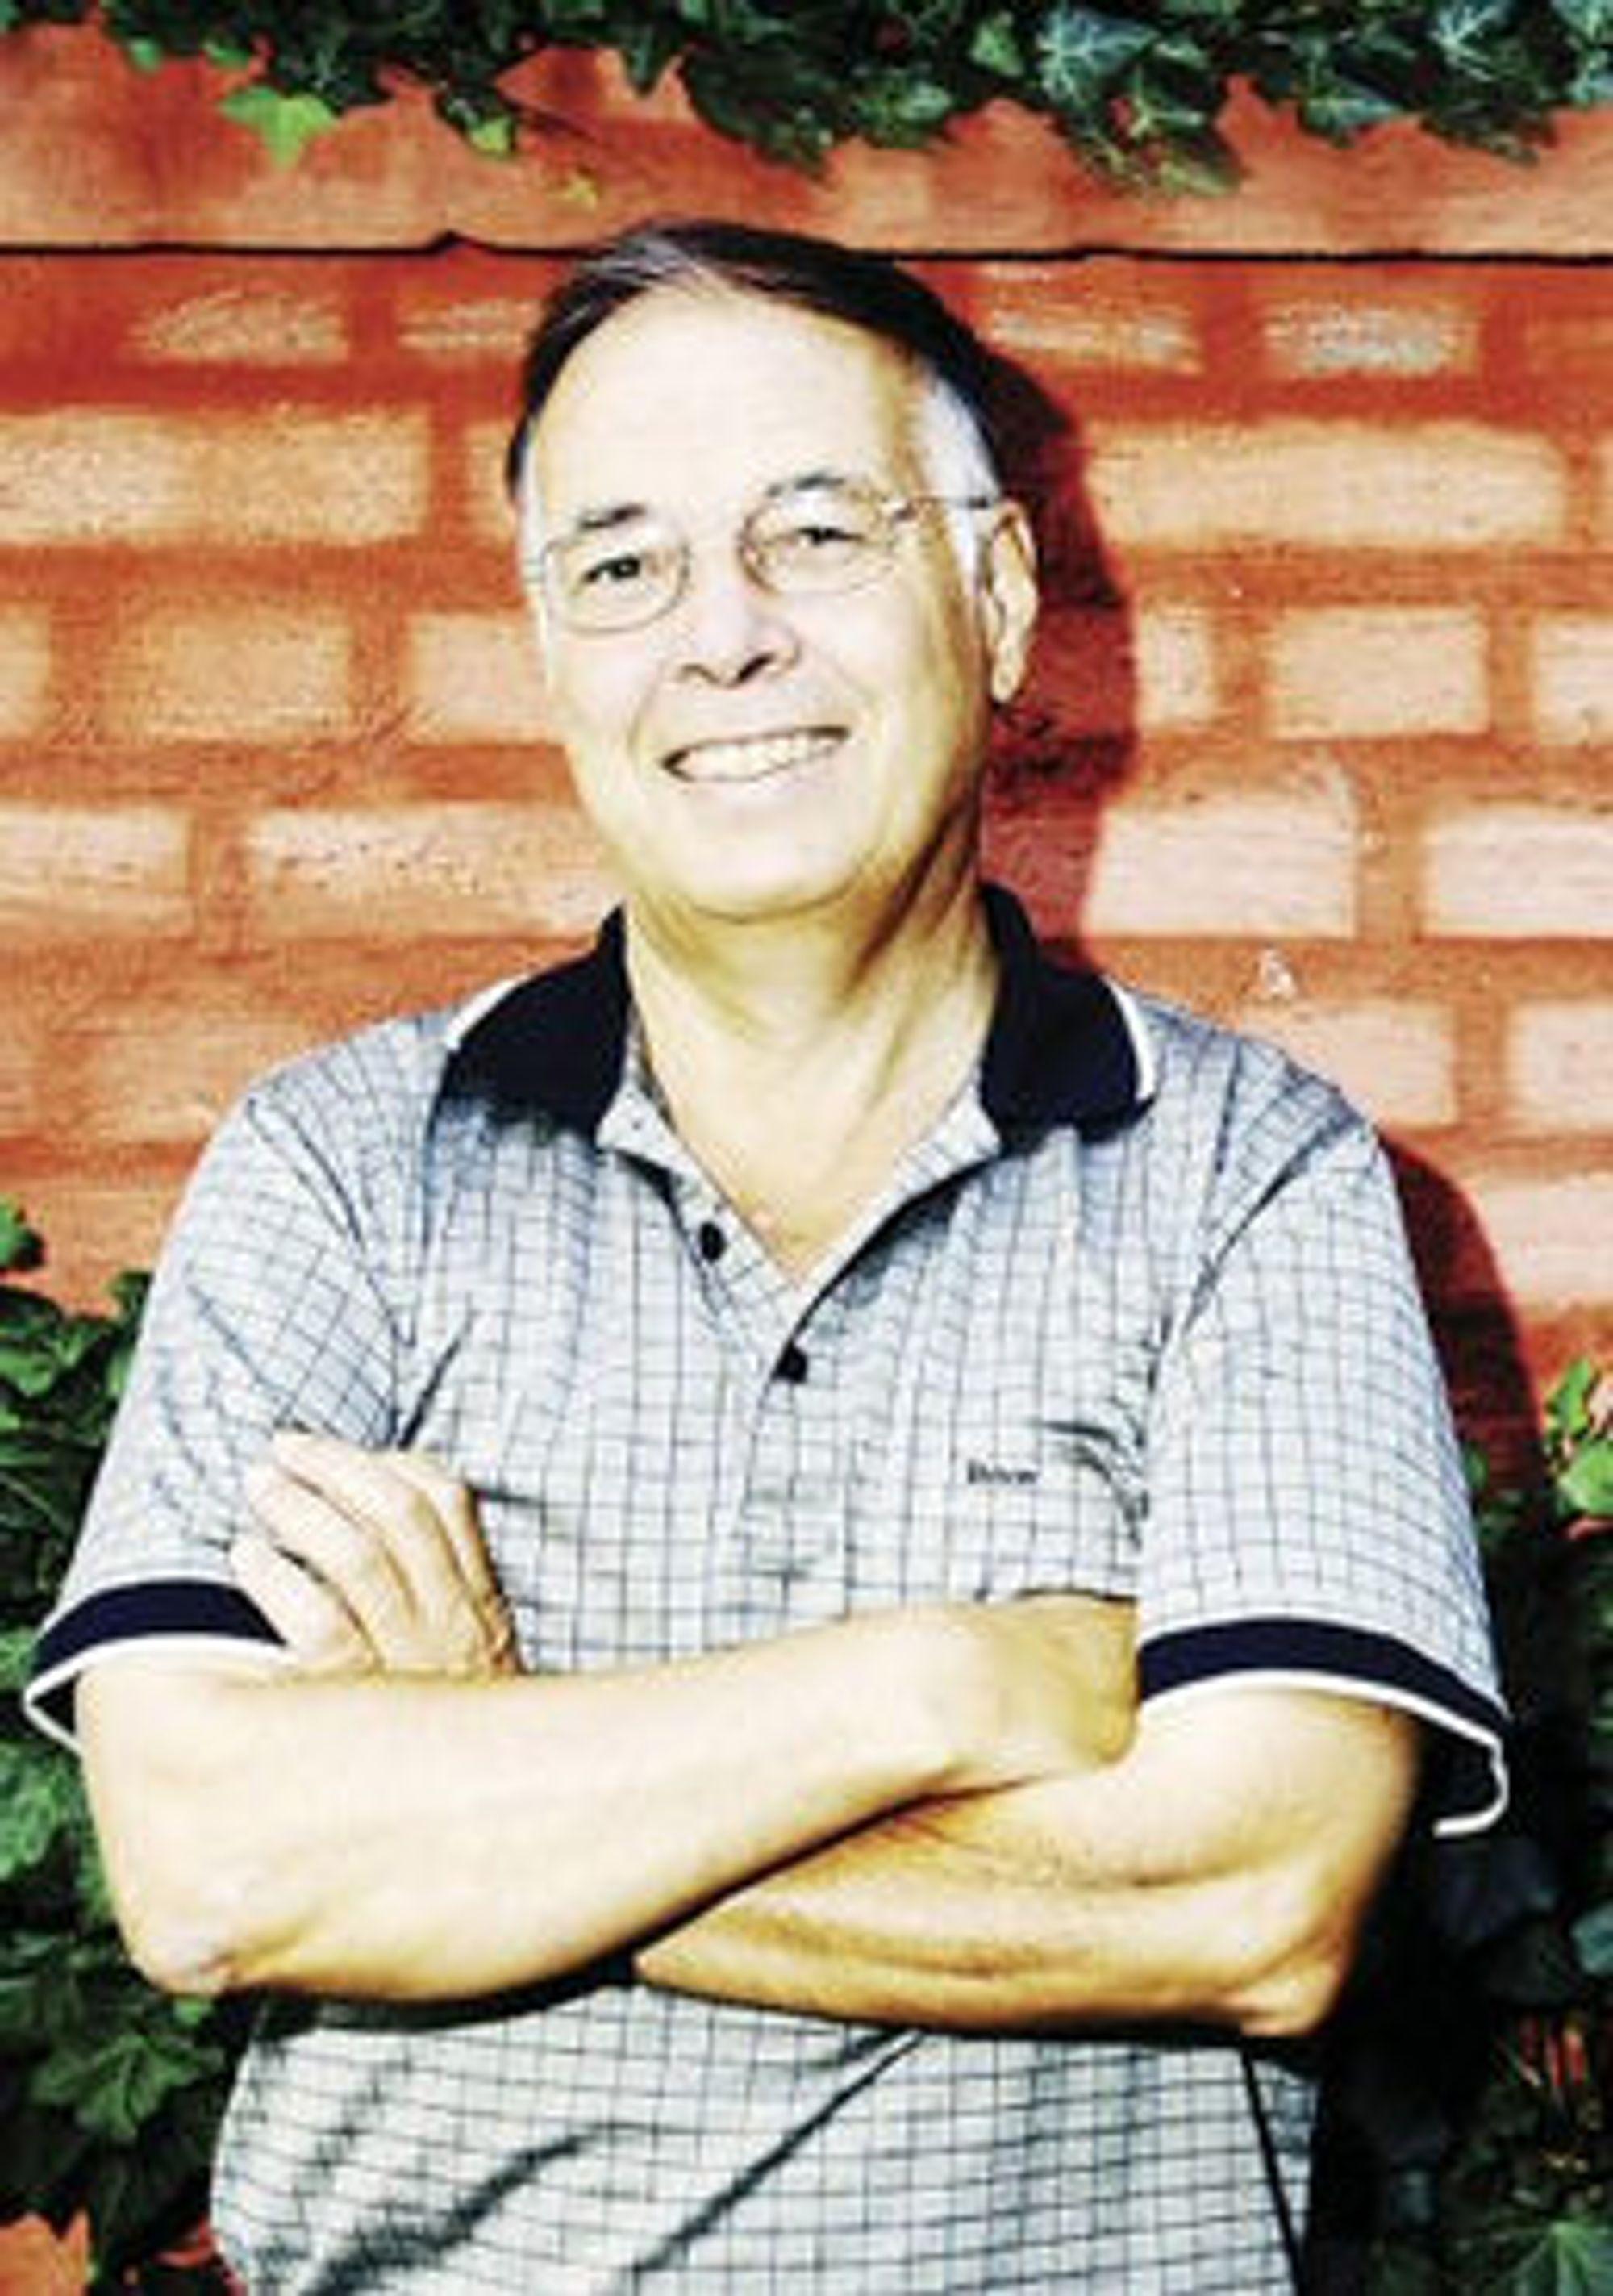 Arild Haraldsen har bidratt til digi.no med debatt, kommentarer og bokanmeldelser i mange år.